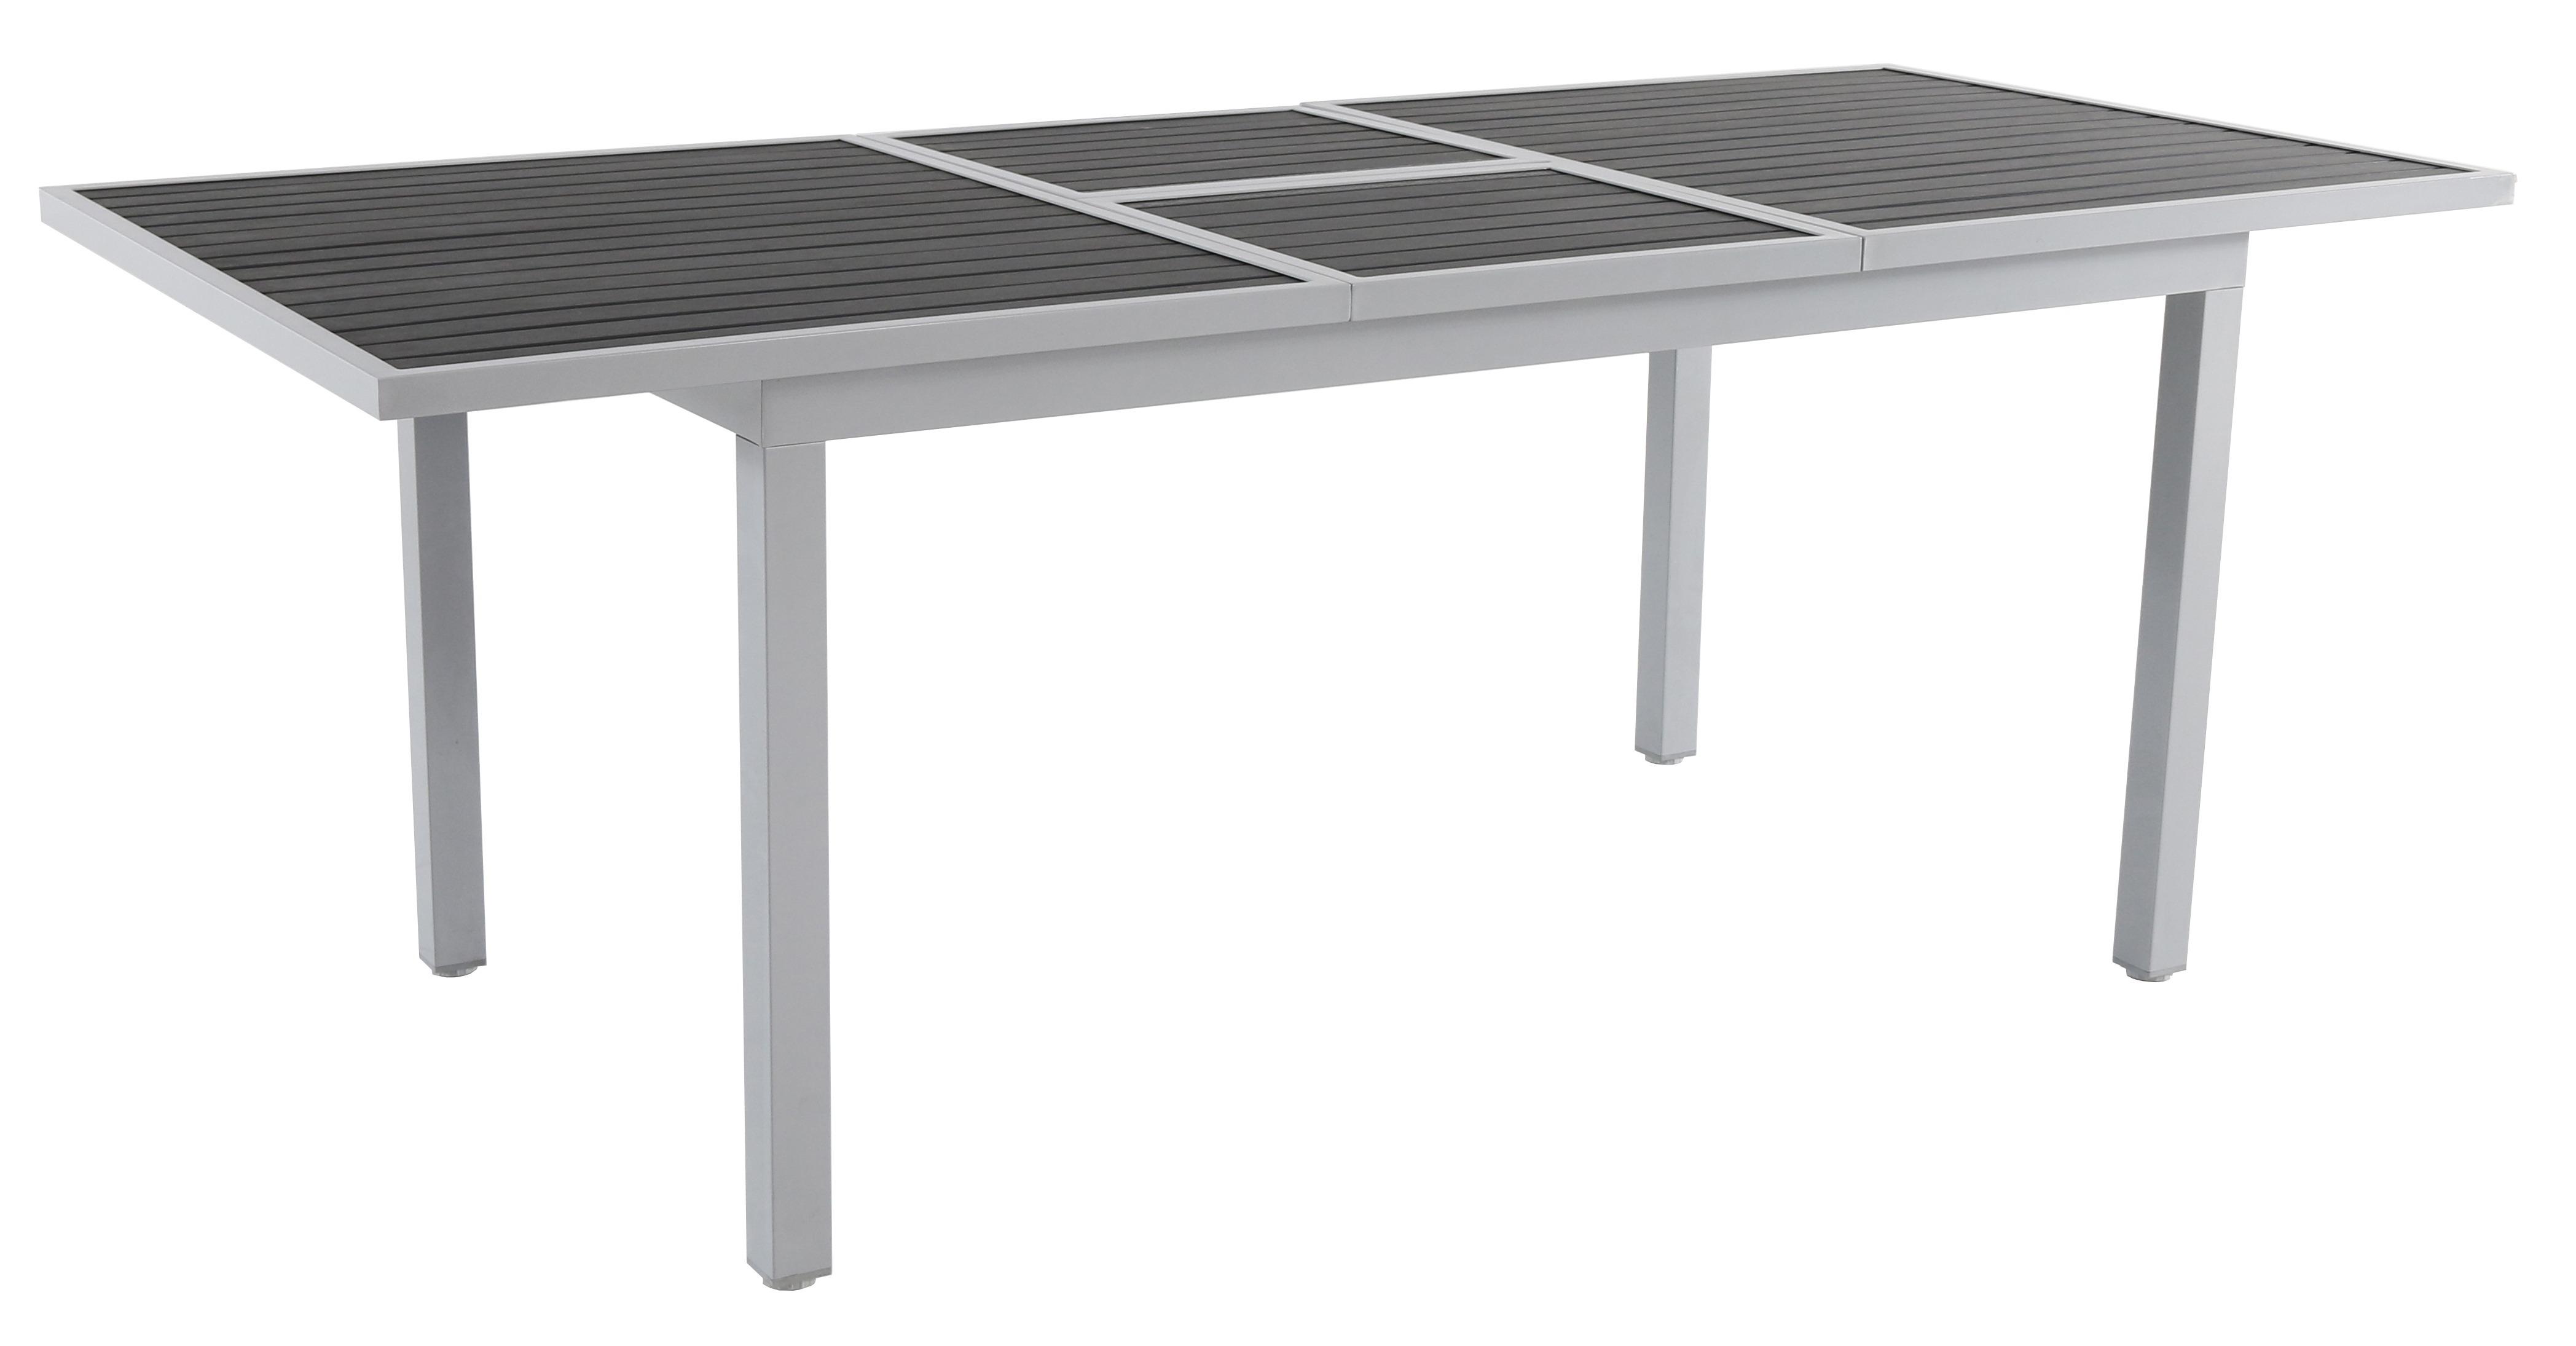 Hliníkový rozkládací stůl 204 x 90 x 75 cm Creador Raphael